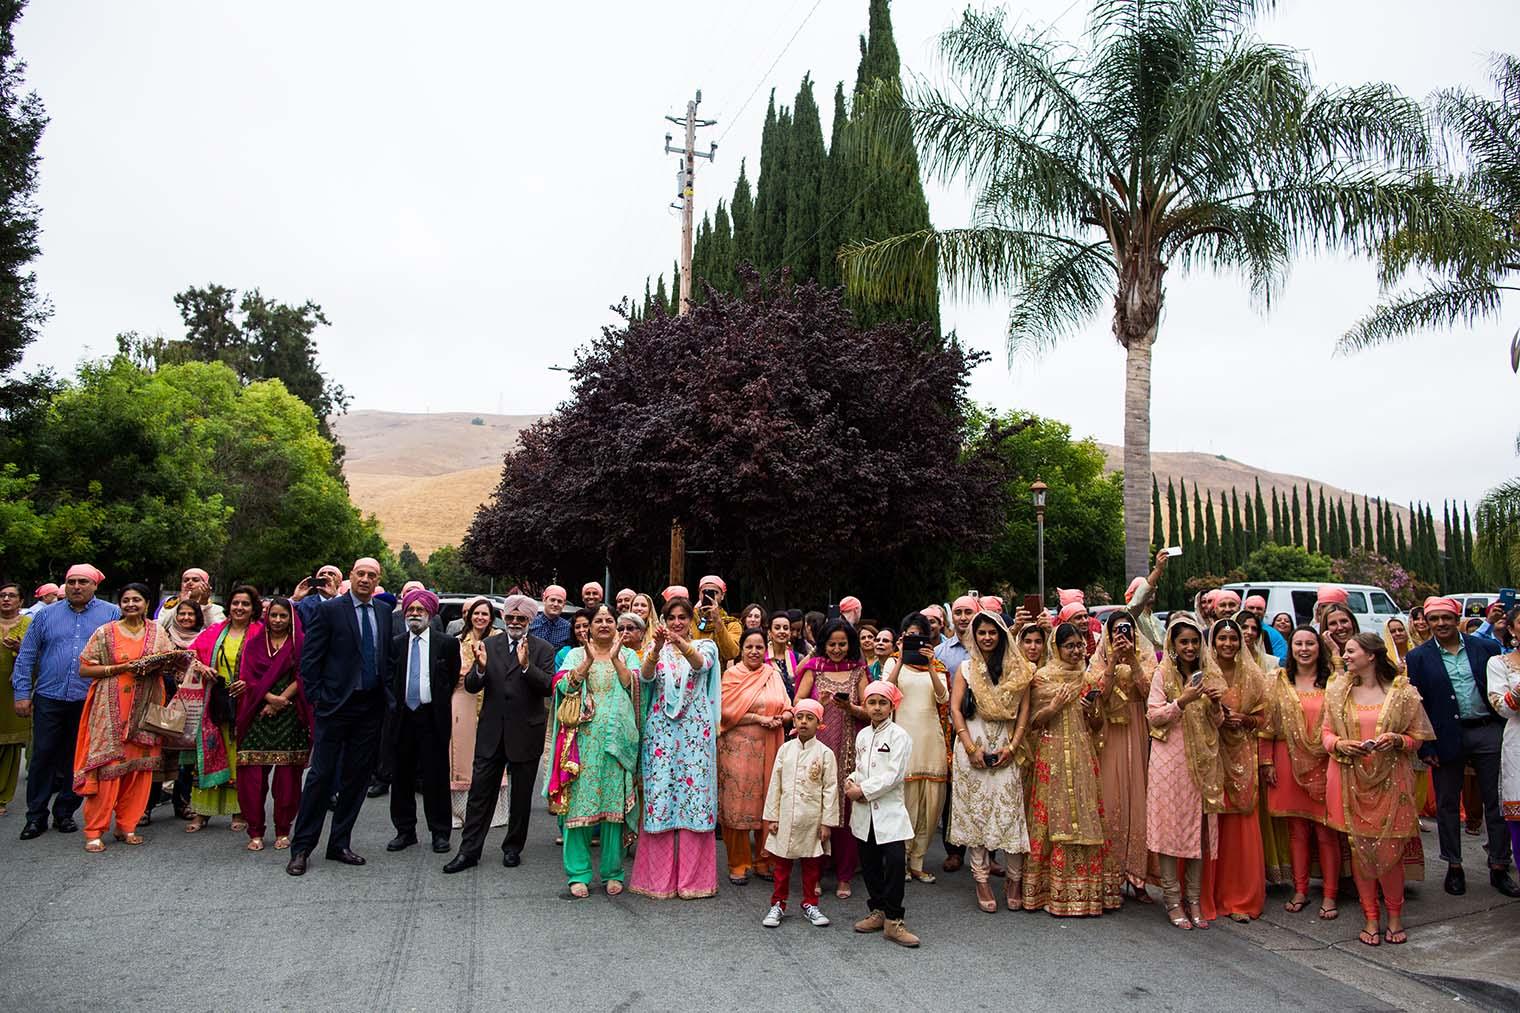 Gurdwara Sahib of Fremont Wedding Photo